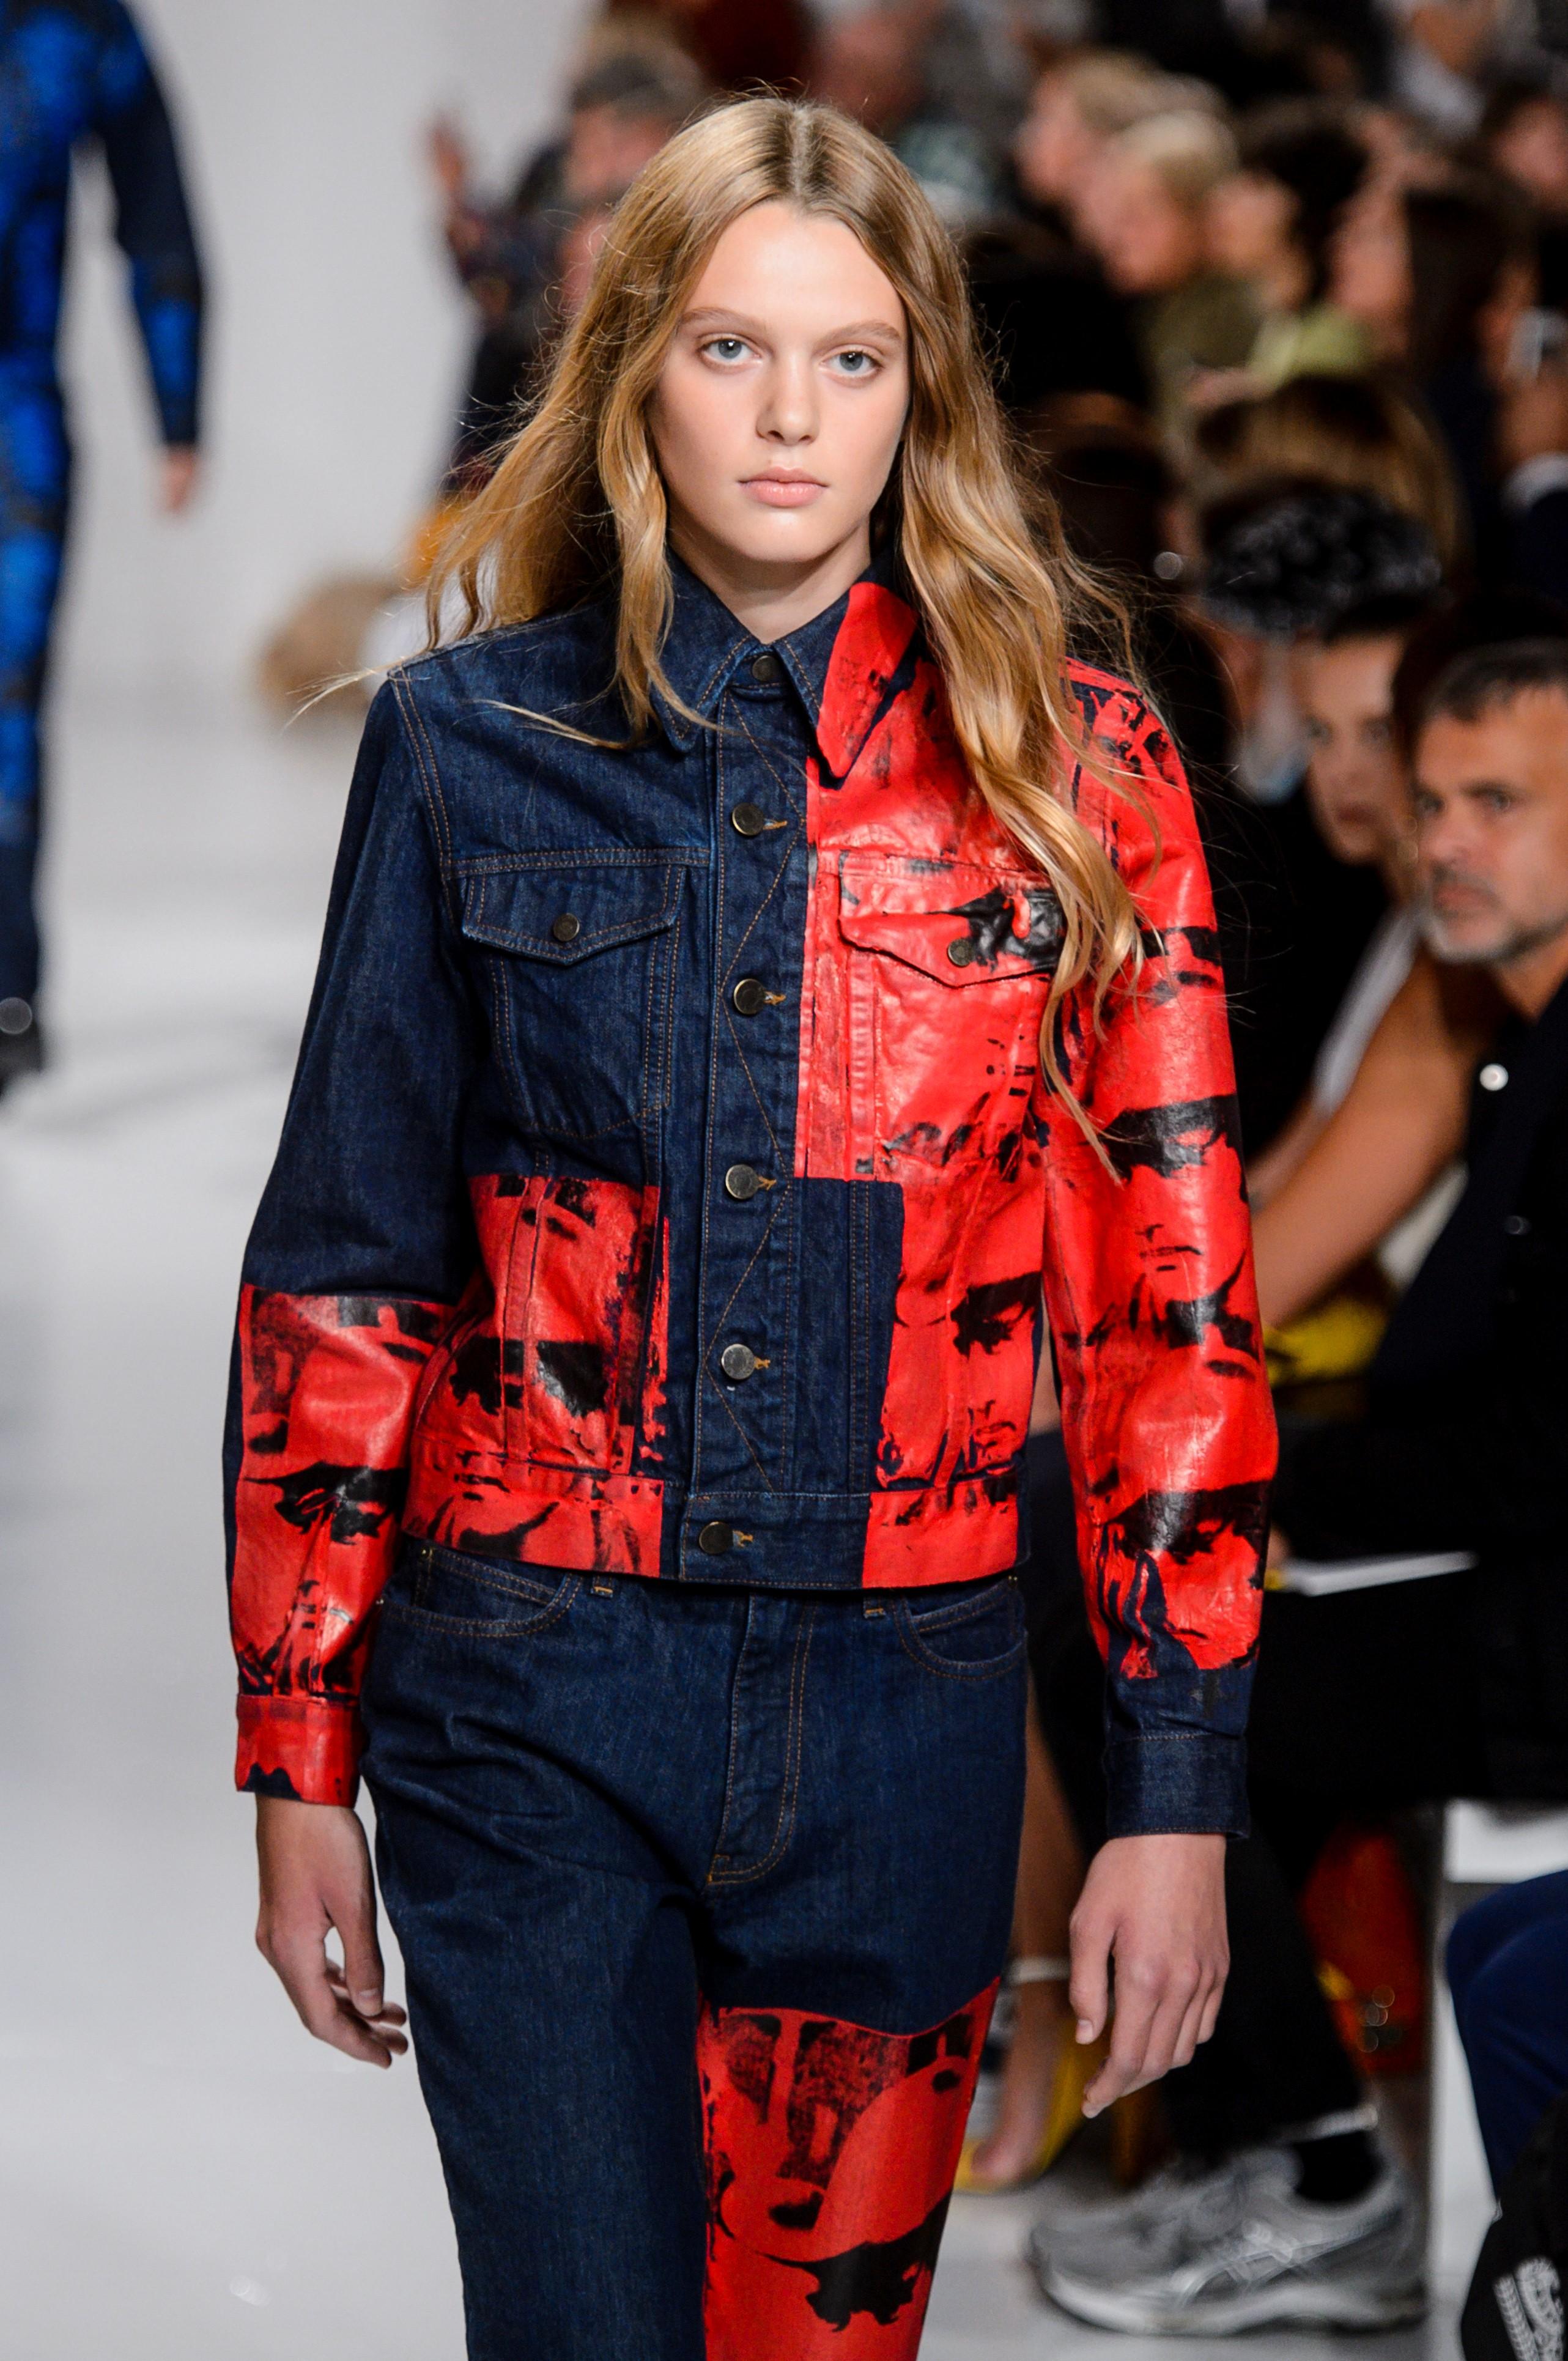 Con tan solo 16 años de edad, la modelo transgénero Ariel Nicholson Murtagh hizo su debut en el NYWF en el desfile de Calvin Klein. (WGSN)